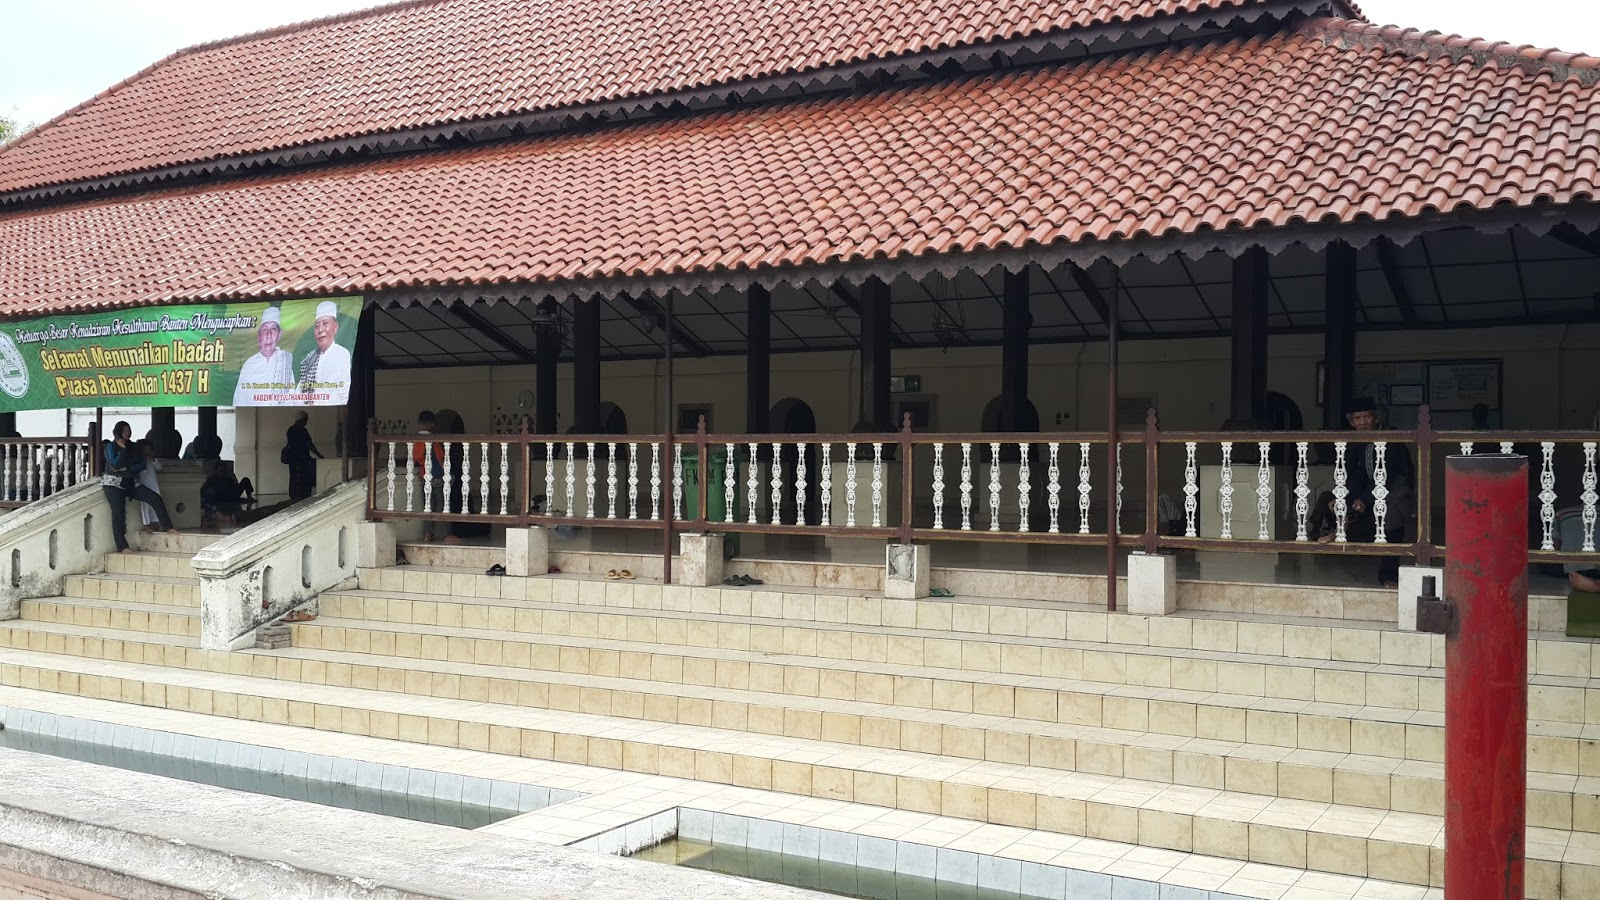 Jelajah Indonesia Masjid Agung Banten Berdirinya Tidak Lepas Tradisi Sebuah